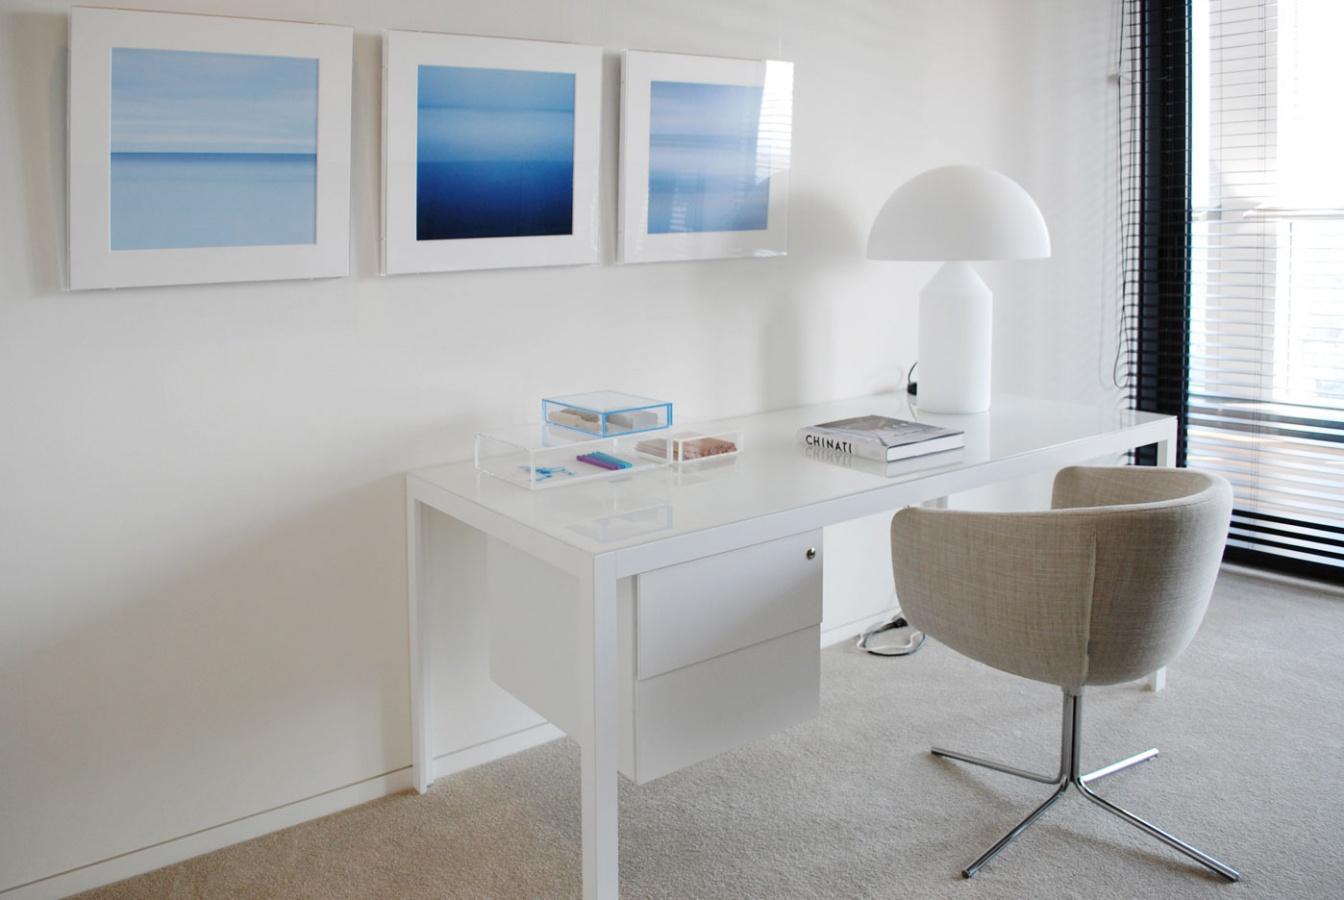 Porro spa contract building residenziali toranomon for Appartamenti giappone